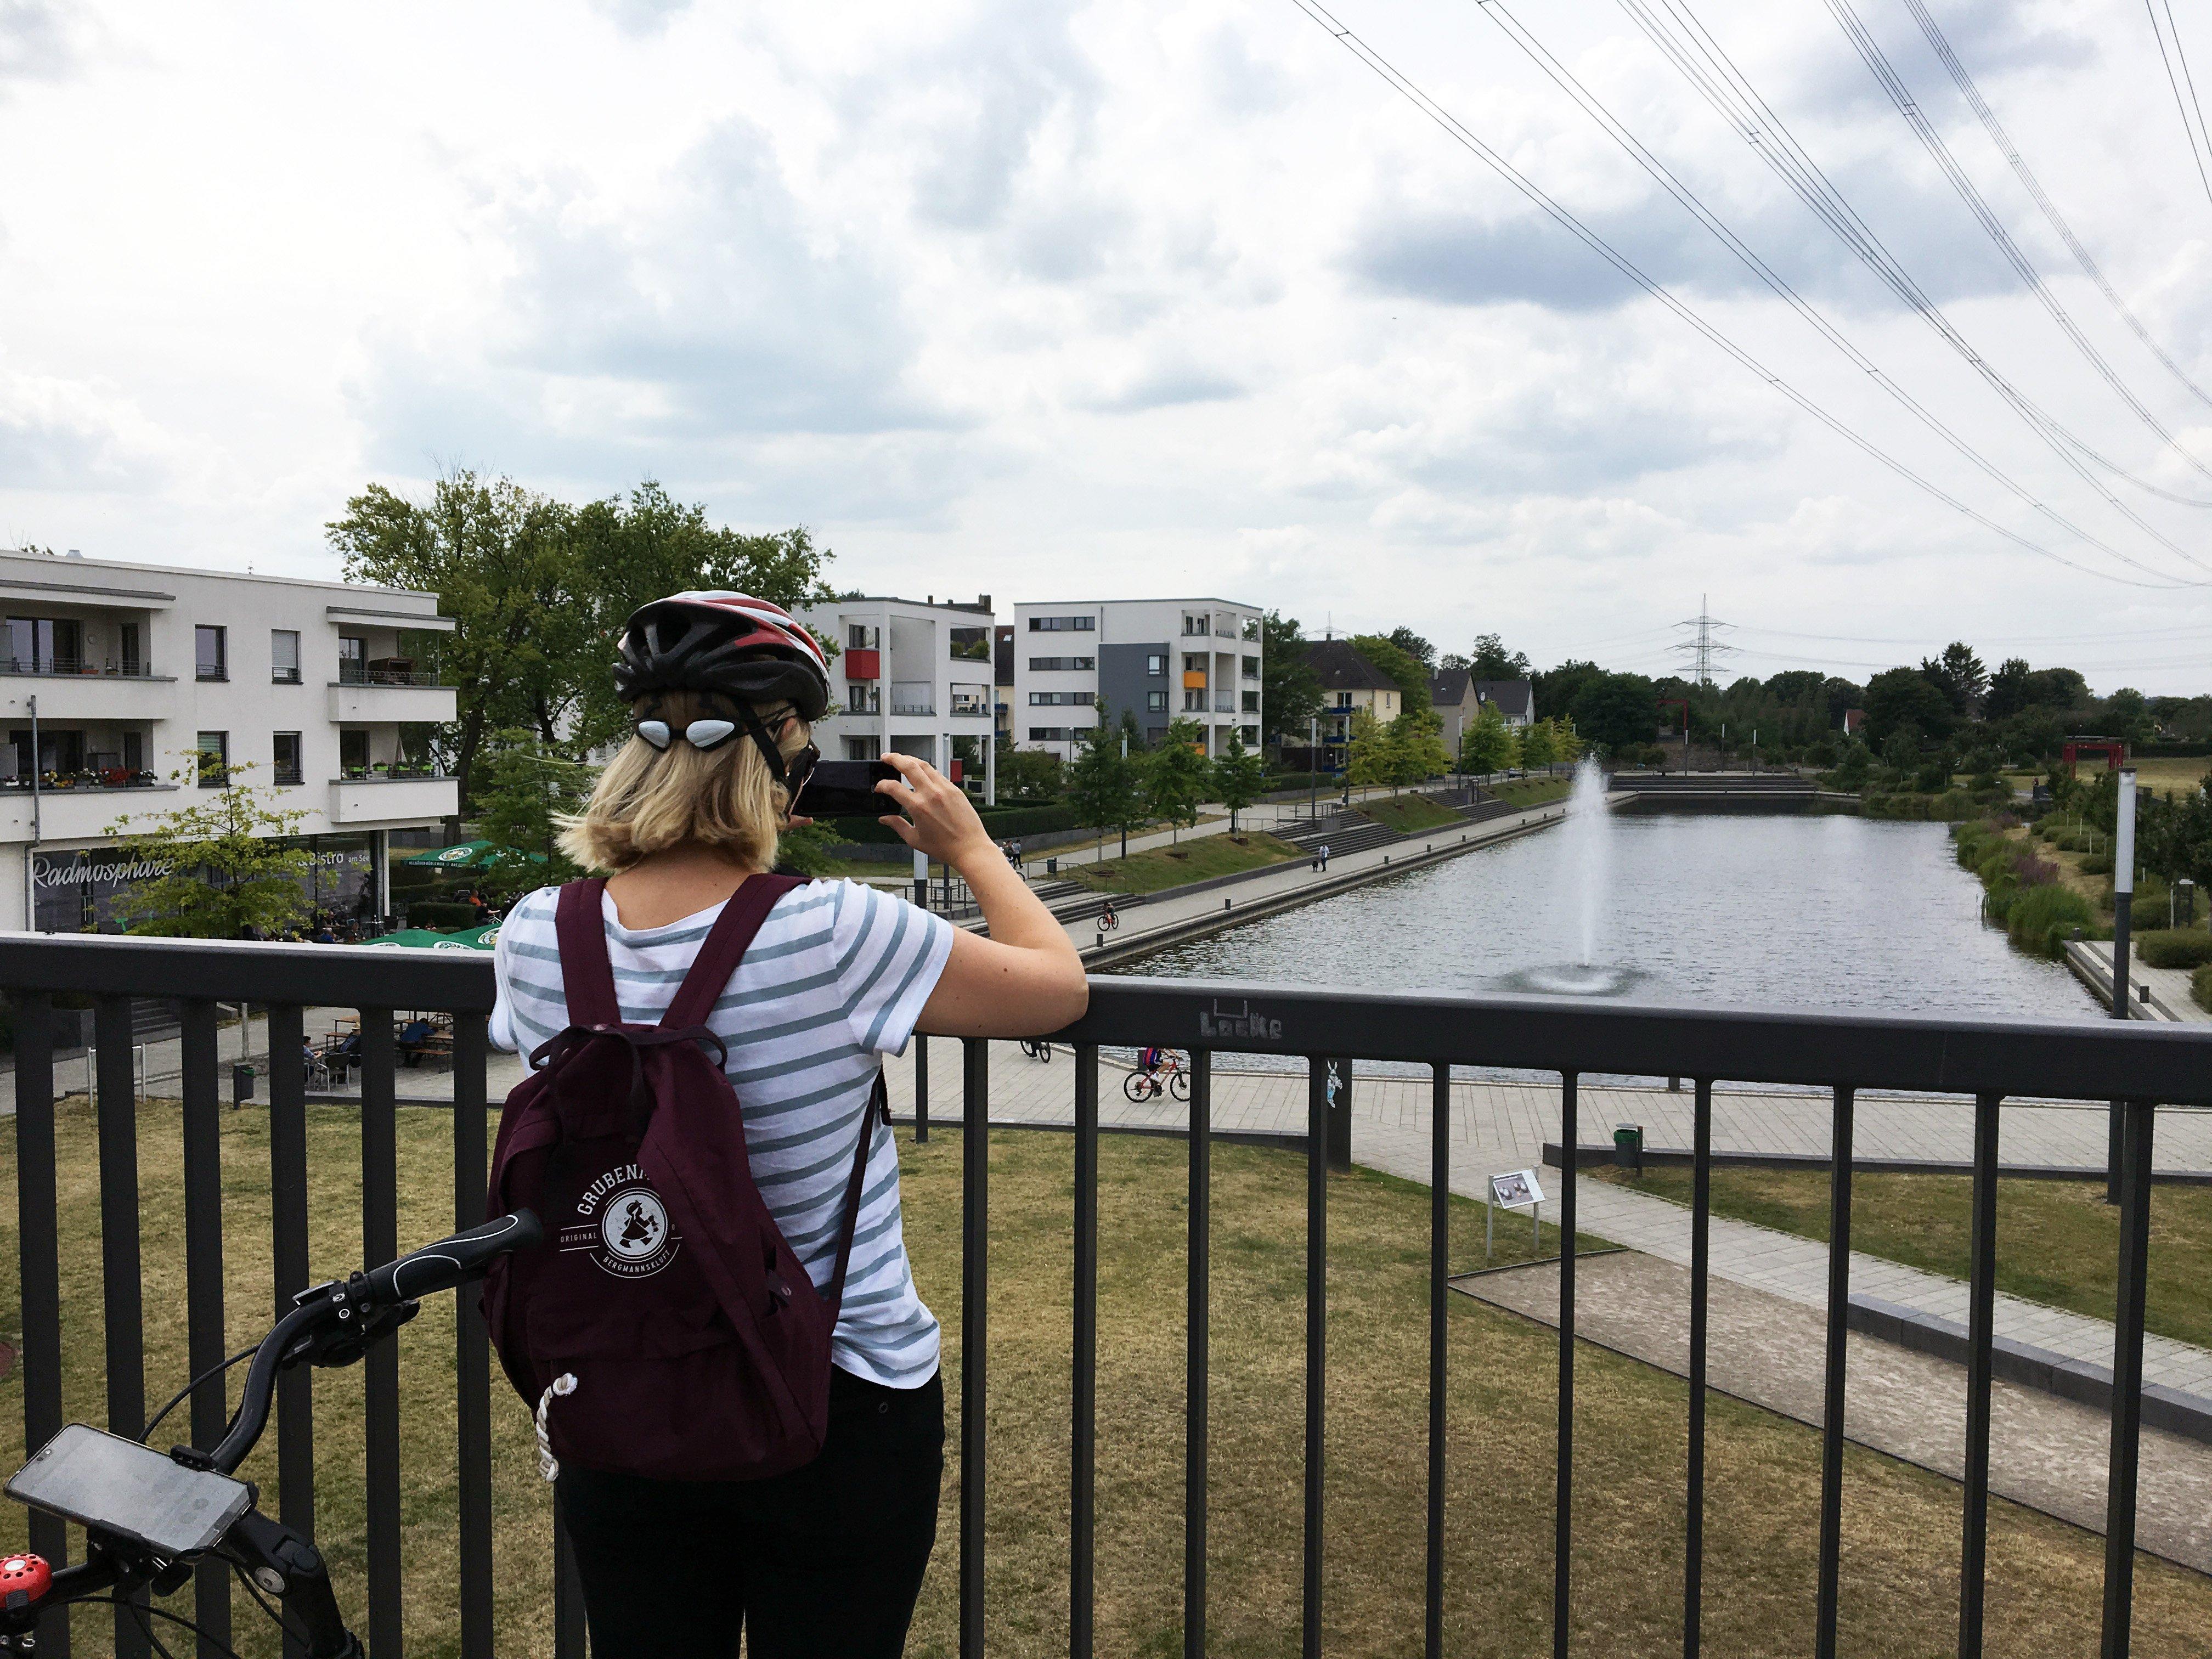 Das Bild zeigt die Aussicht auf den Niederfeldsee